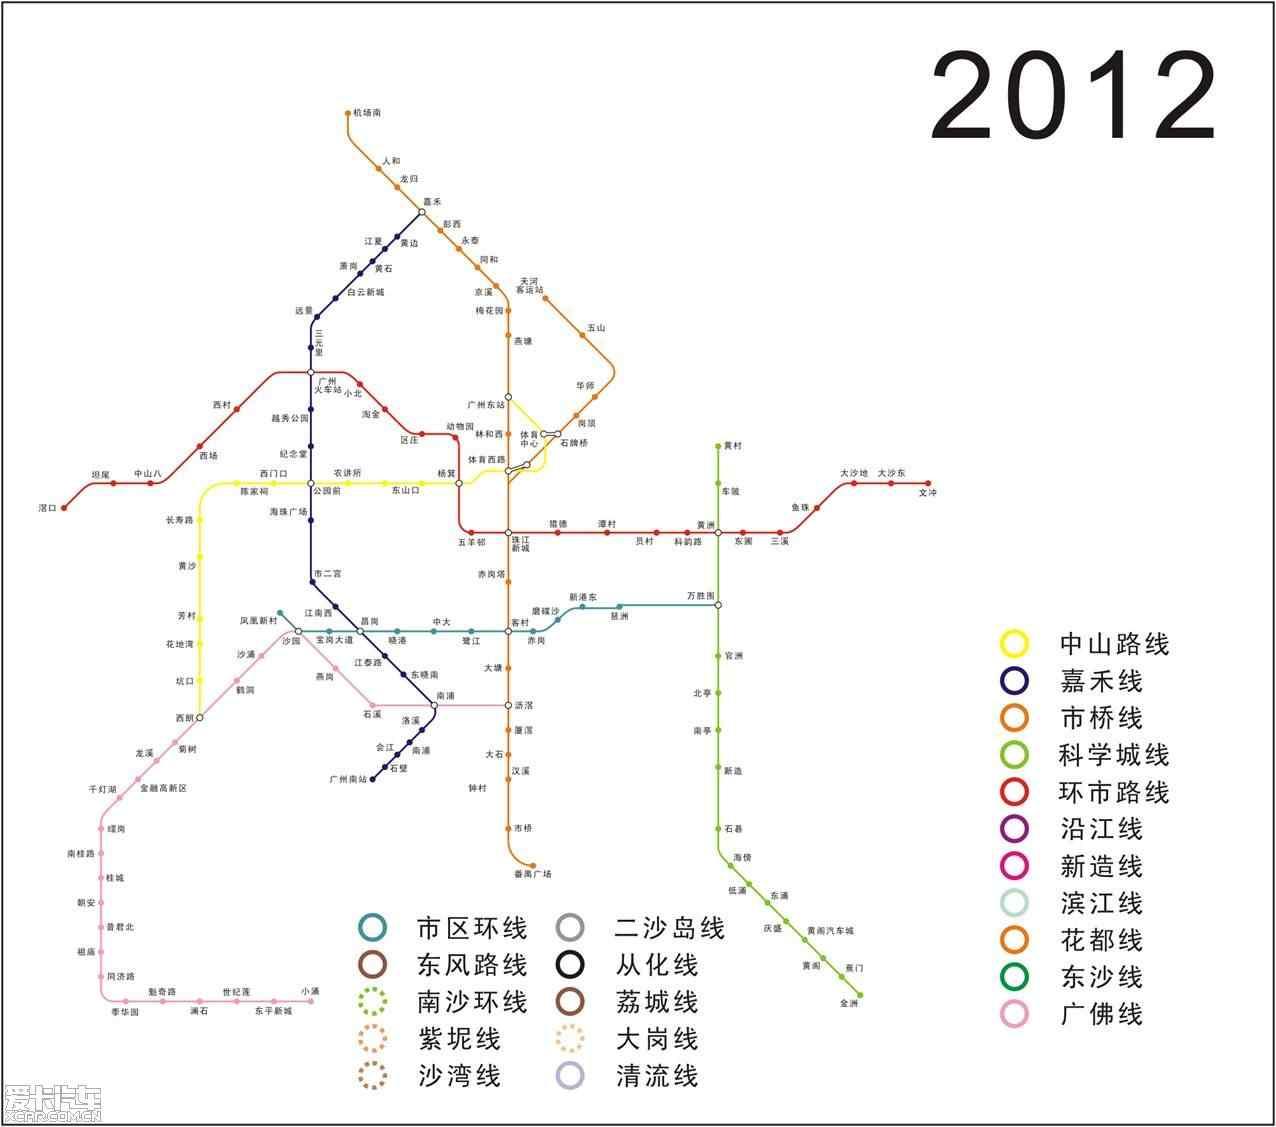 广州地铁线路图 规划